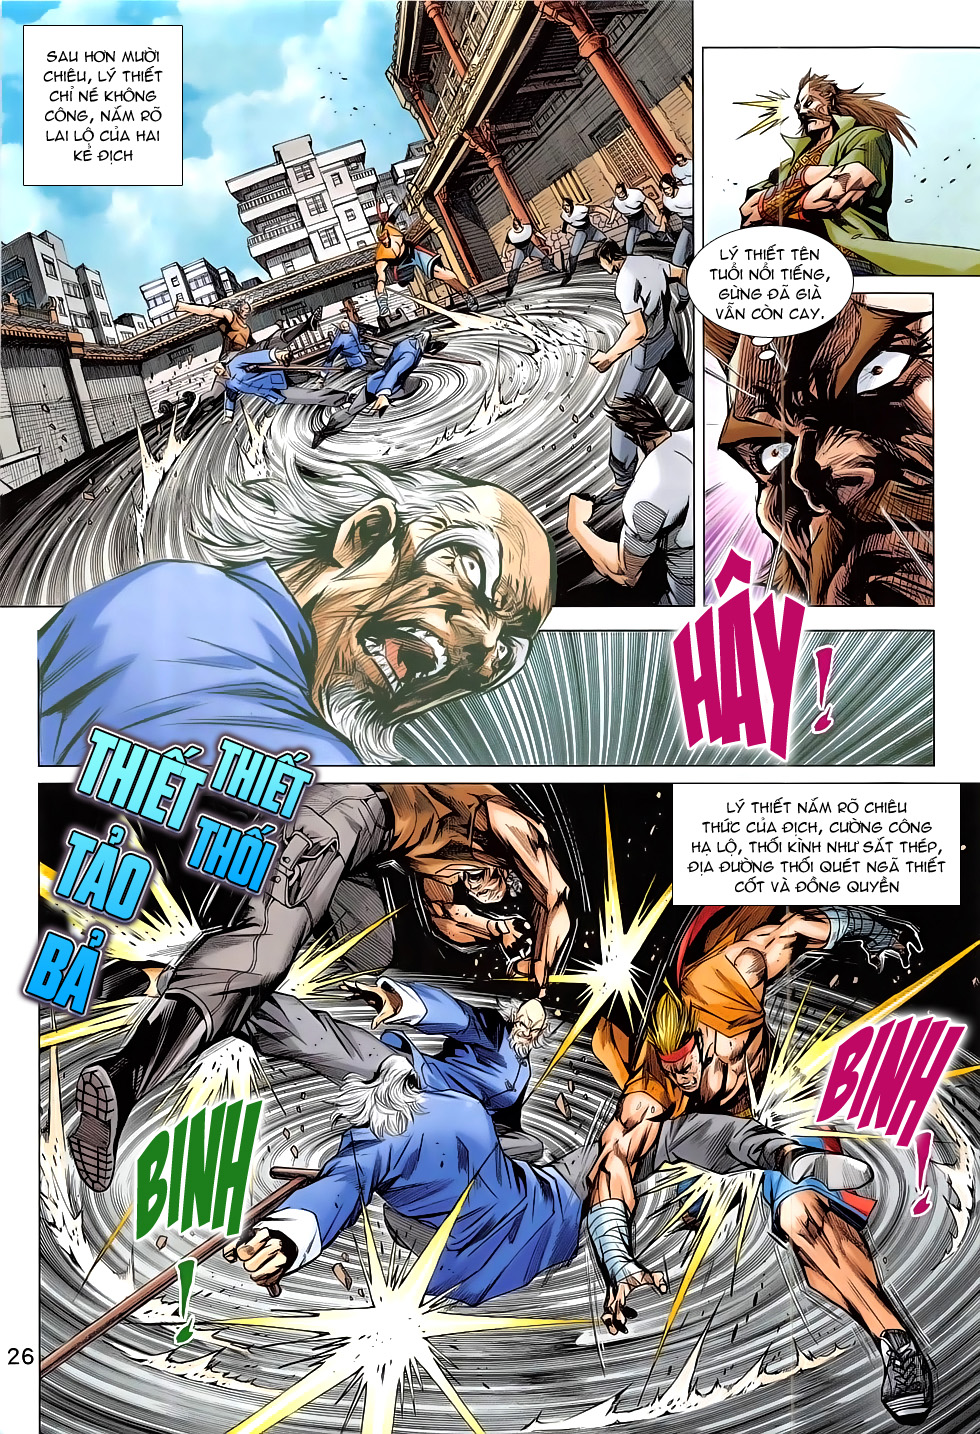 Tân Tác Long Hổ Môn chap 793 Trang 26 - Mangak.info